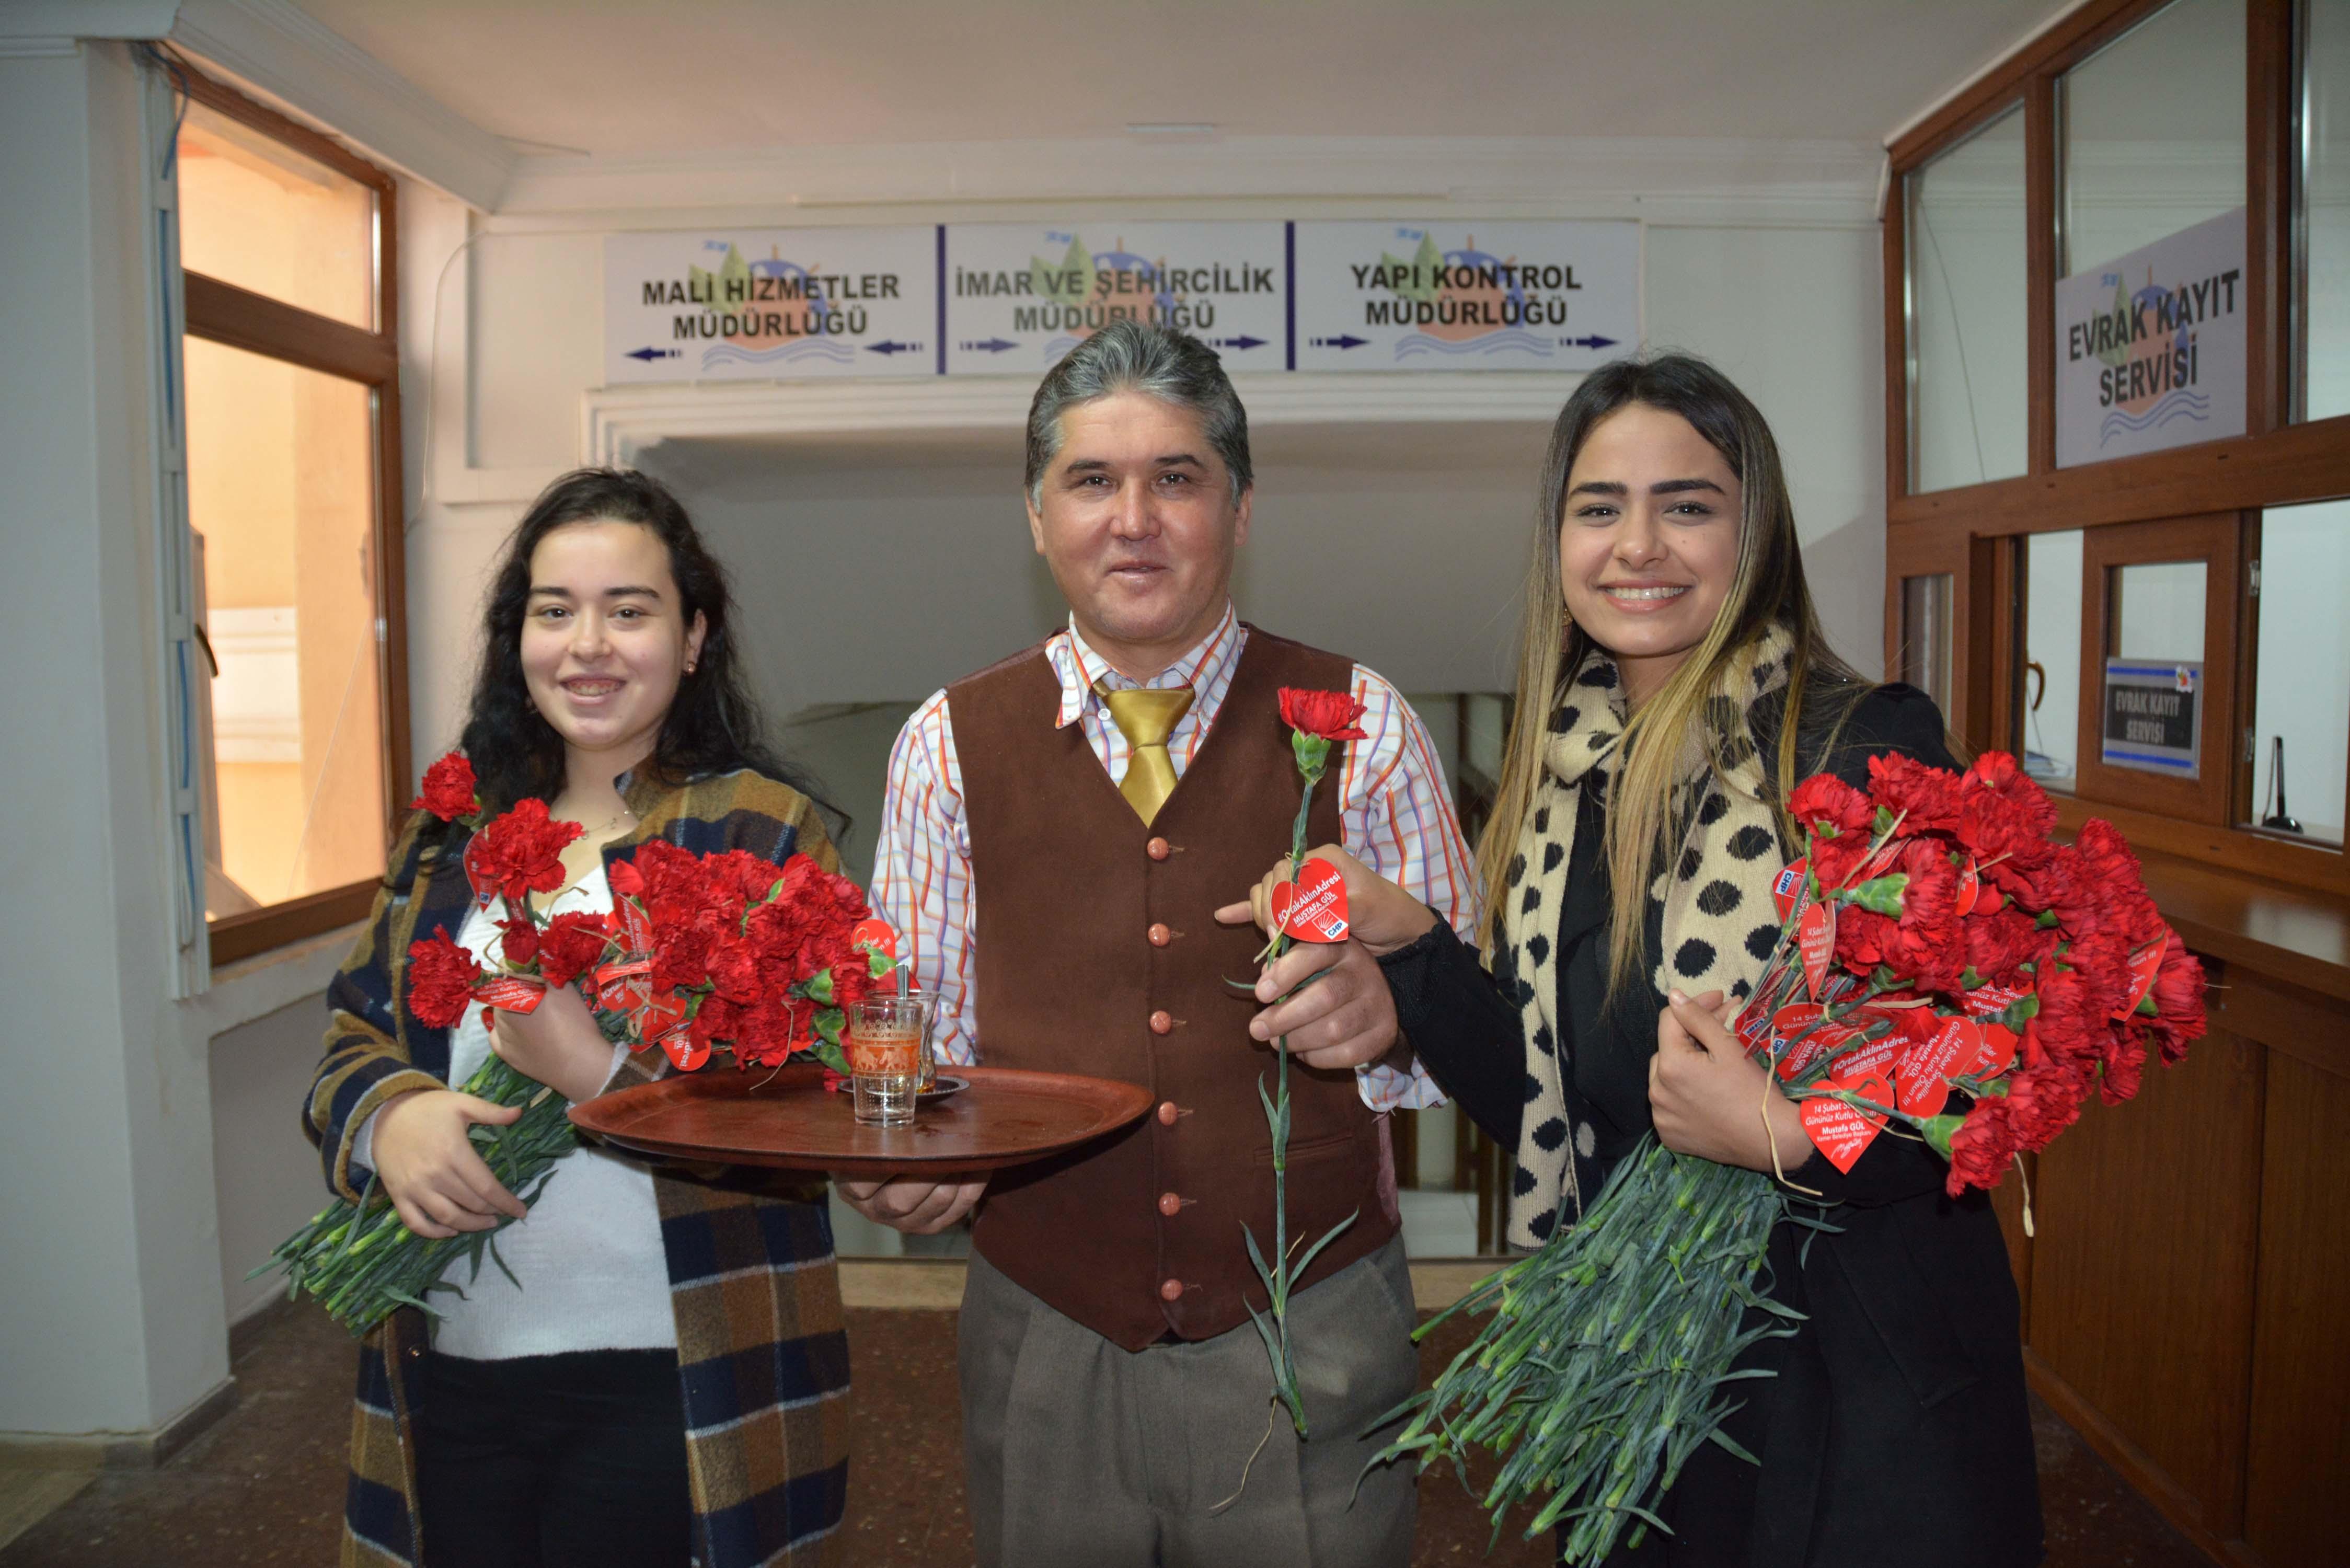 Başkan Gül'den 14 Şubat hediyesi